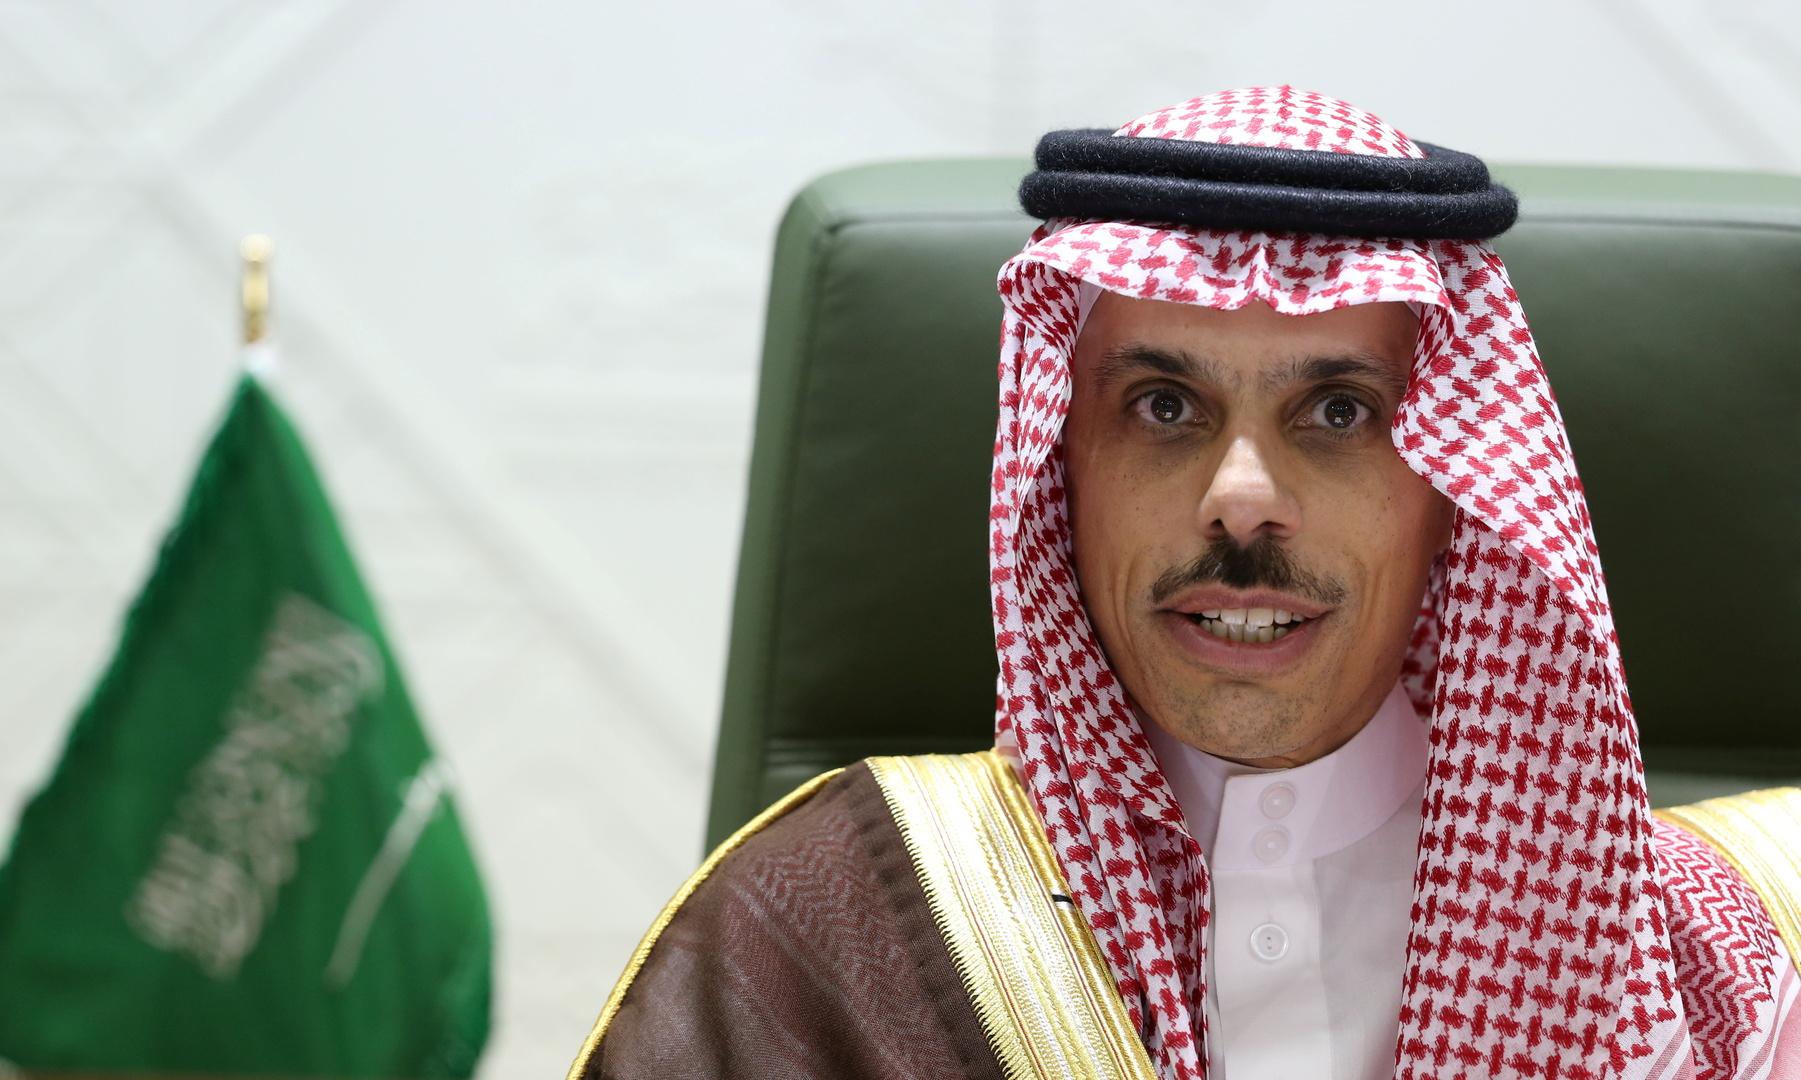 وزير الخارجية السعودي يلتقي قائد الجيش الباكستاني